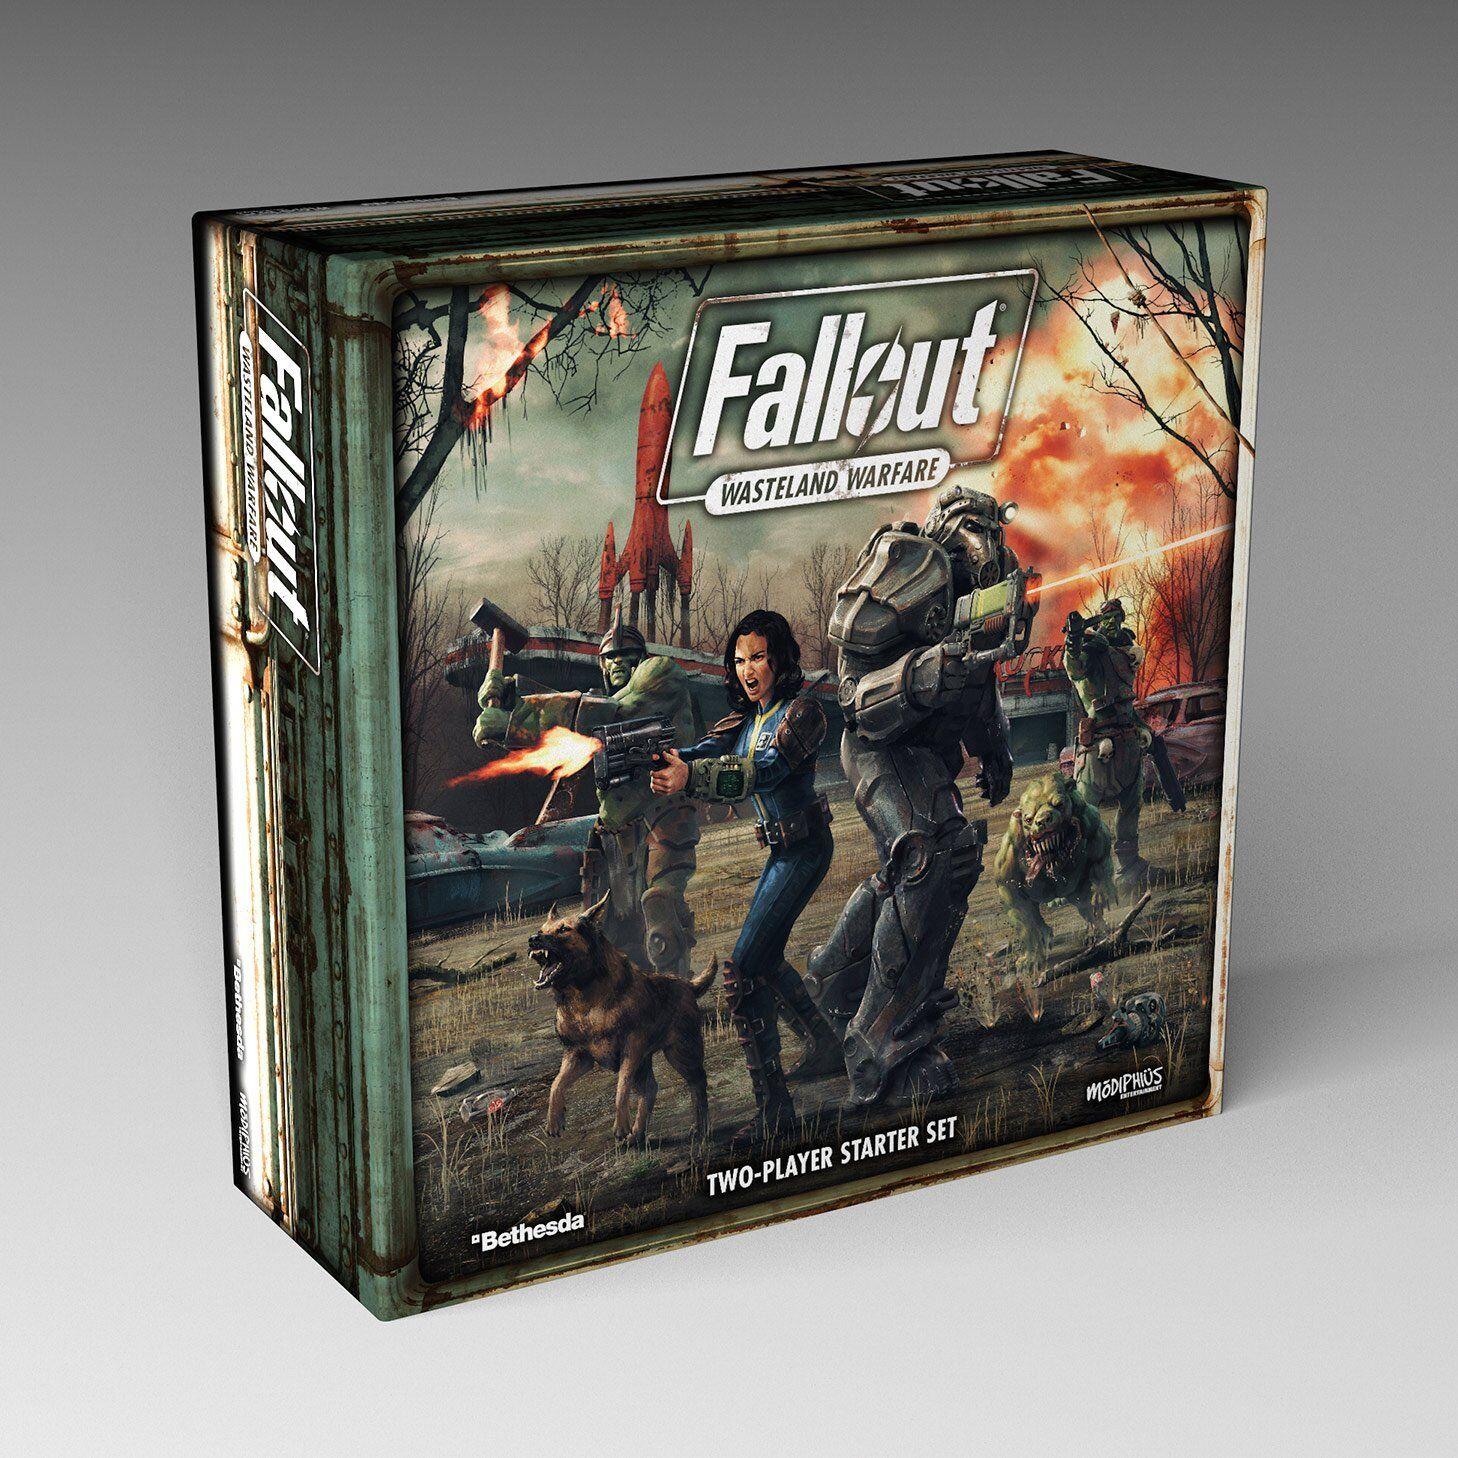 Fallout  Desierto Guerra Nuevo Y En Caja dos jugadores Estrellater Set MUH051235